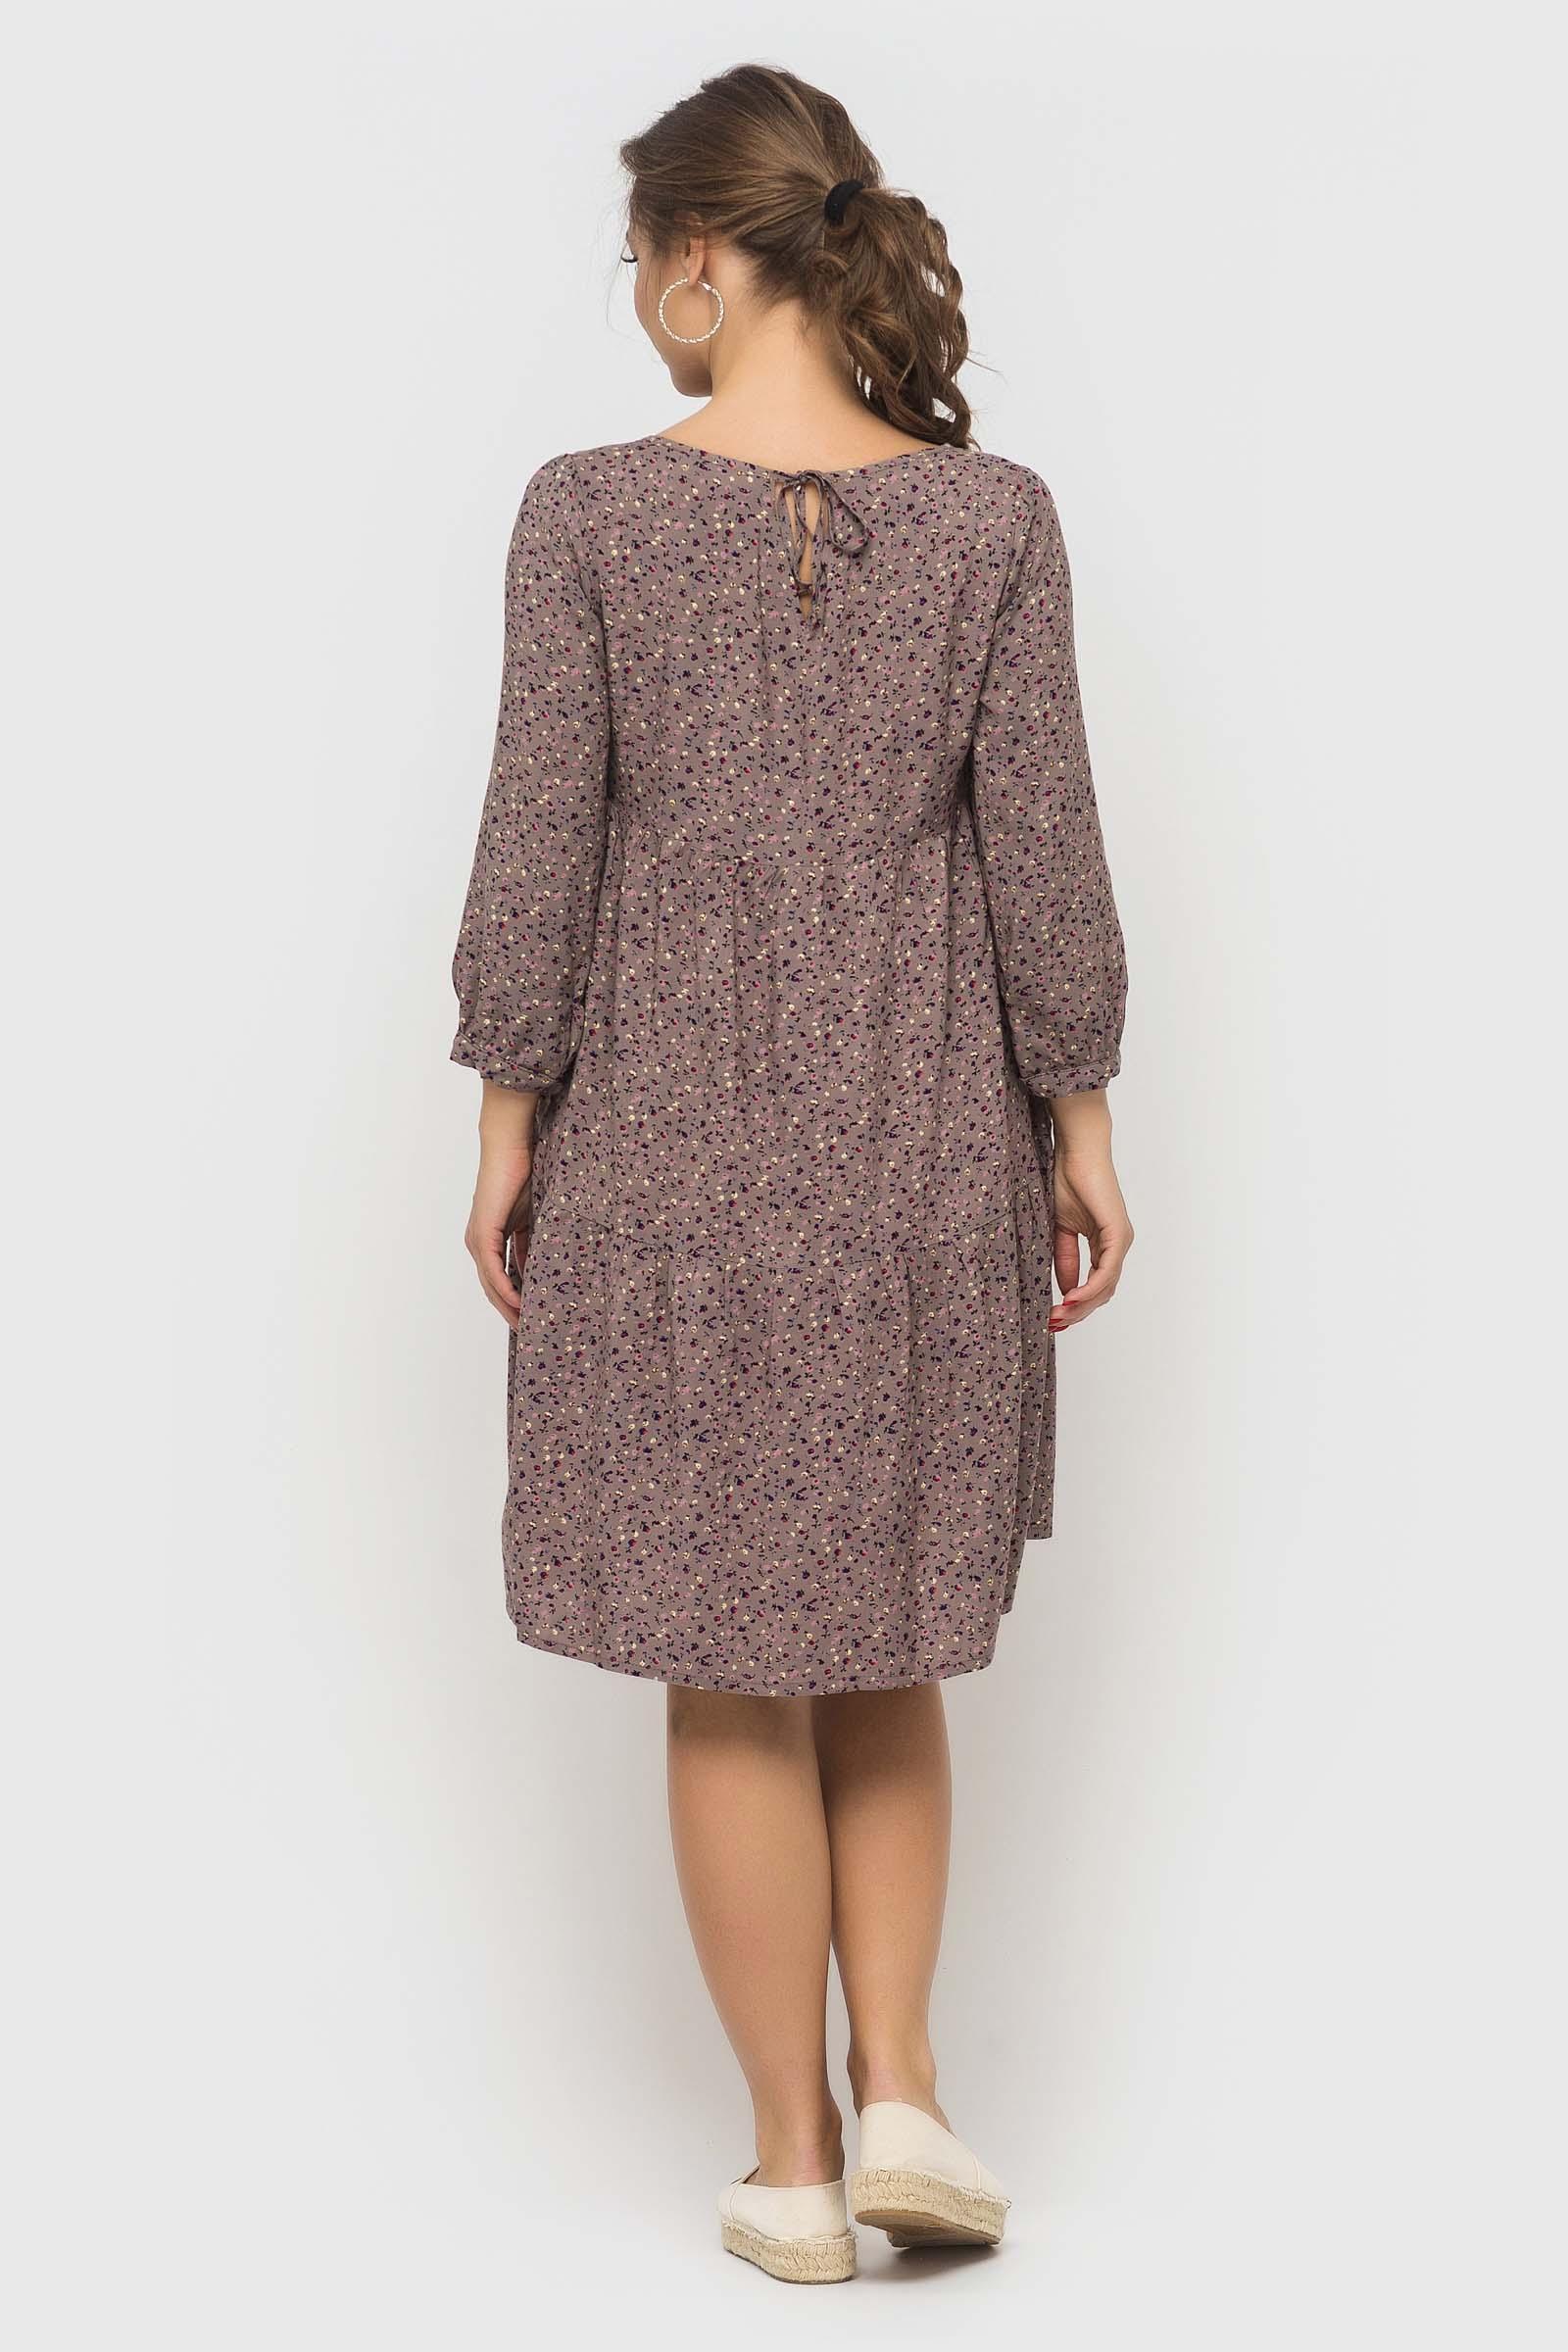 be art 2020 04 07182166 Купить платье